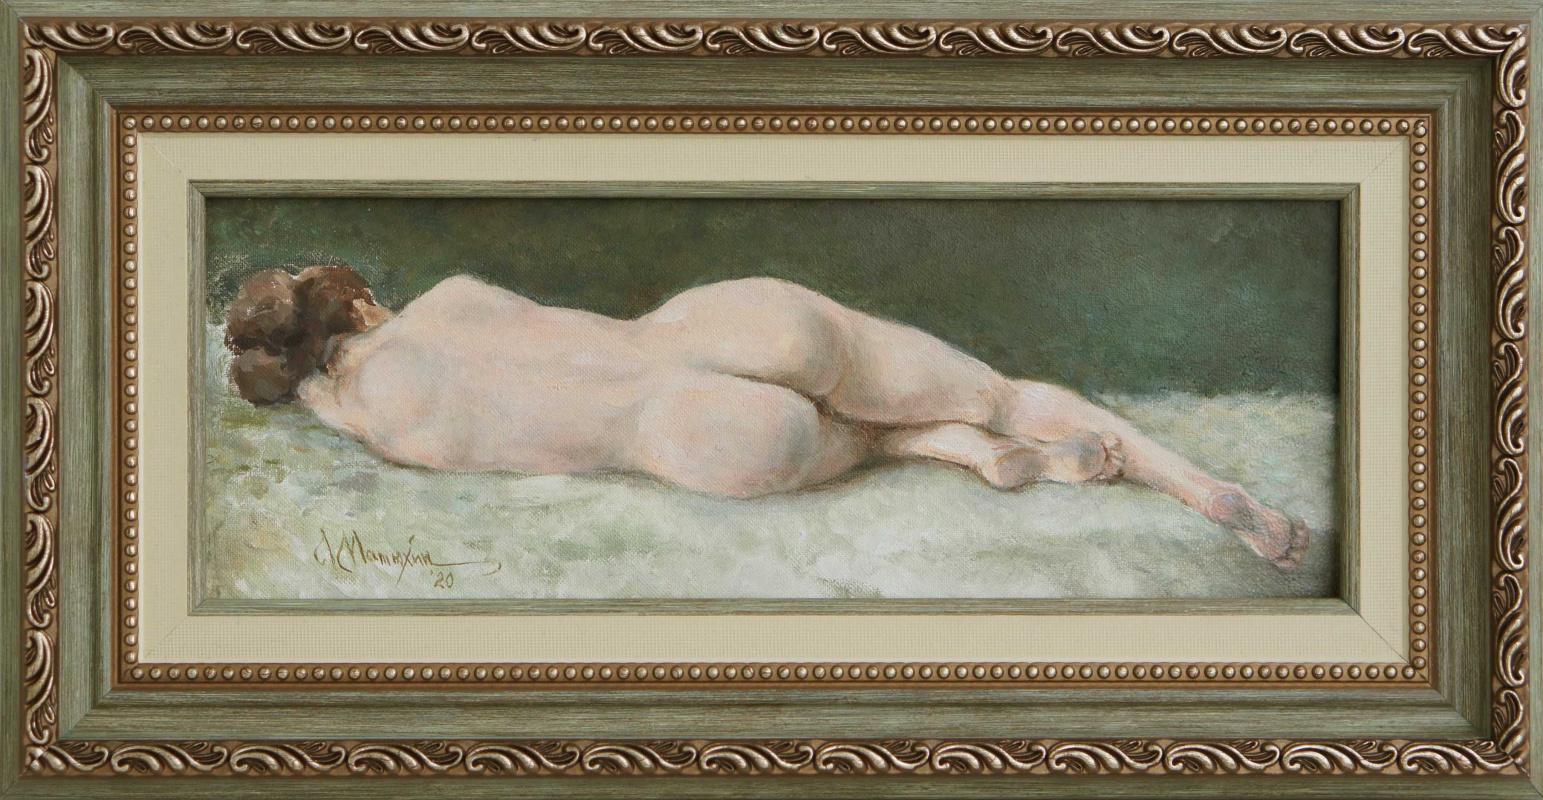 Alexander Matyukhin. 2020. sketch nude_3 (11x29 cm)